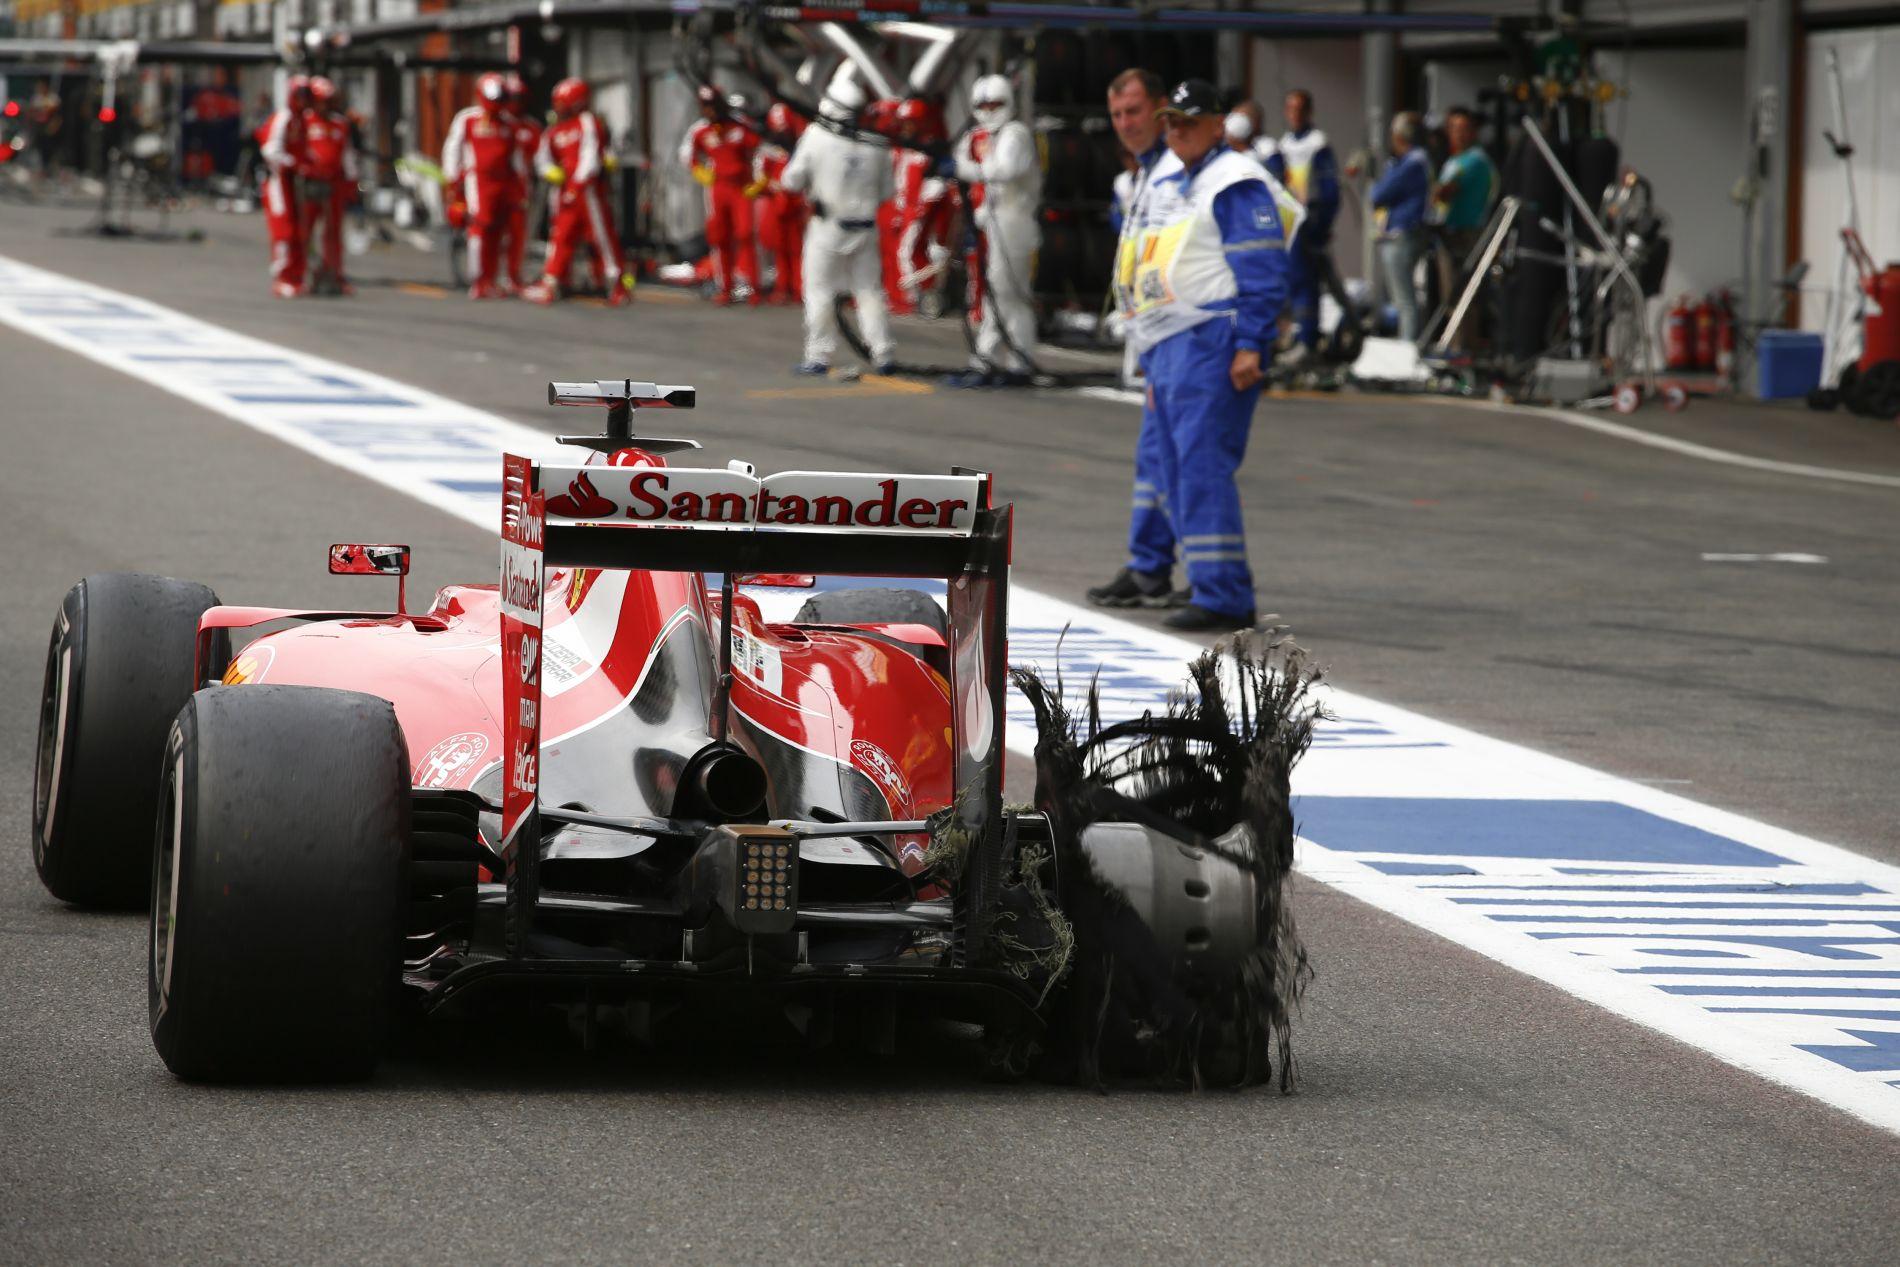 Vettel mérges a Pirellire, de vajon kivitelezhető lett volna-e az egy kerékcsere?